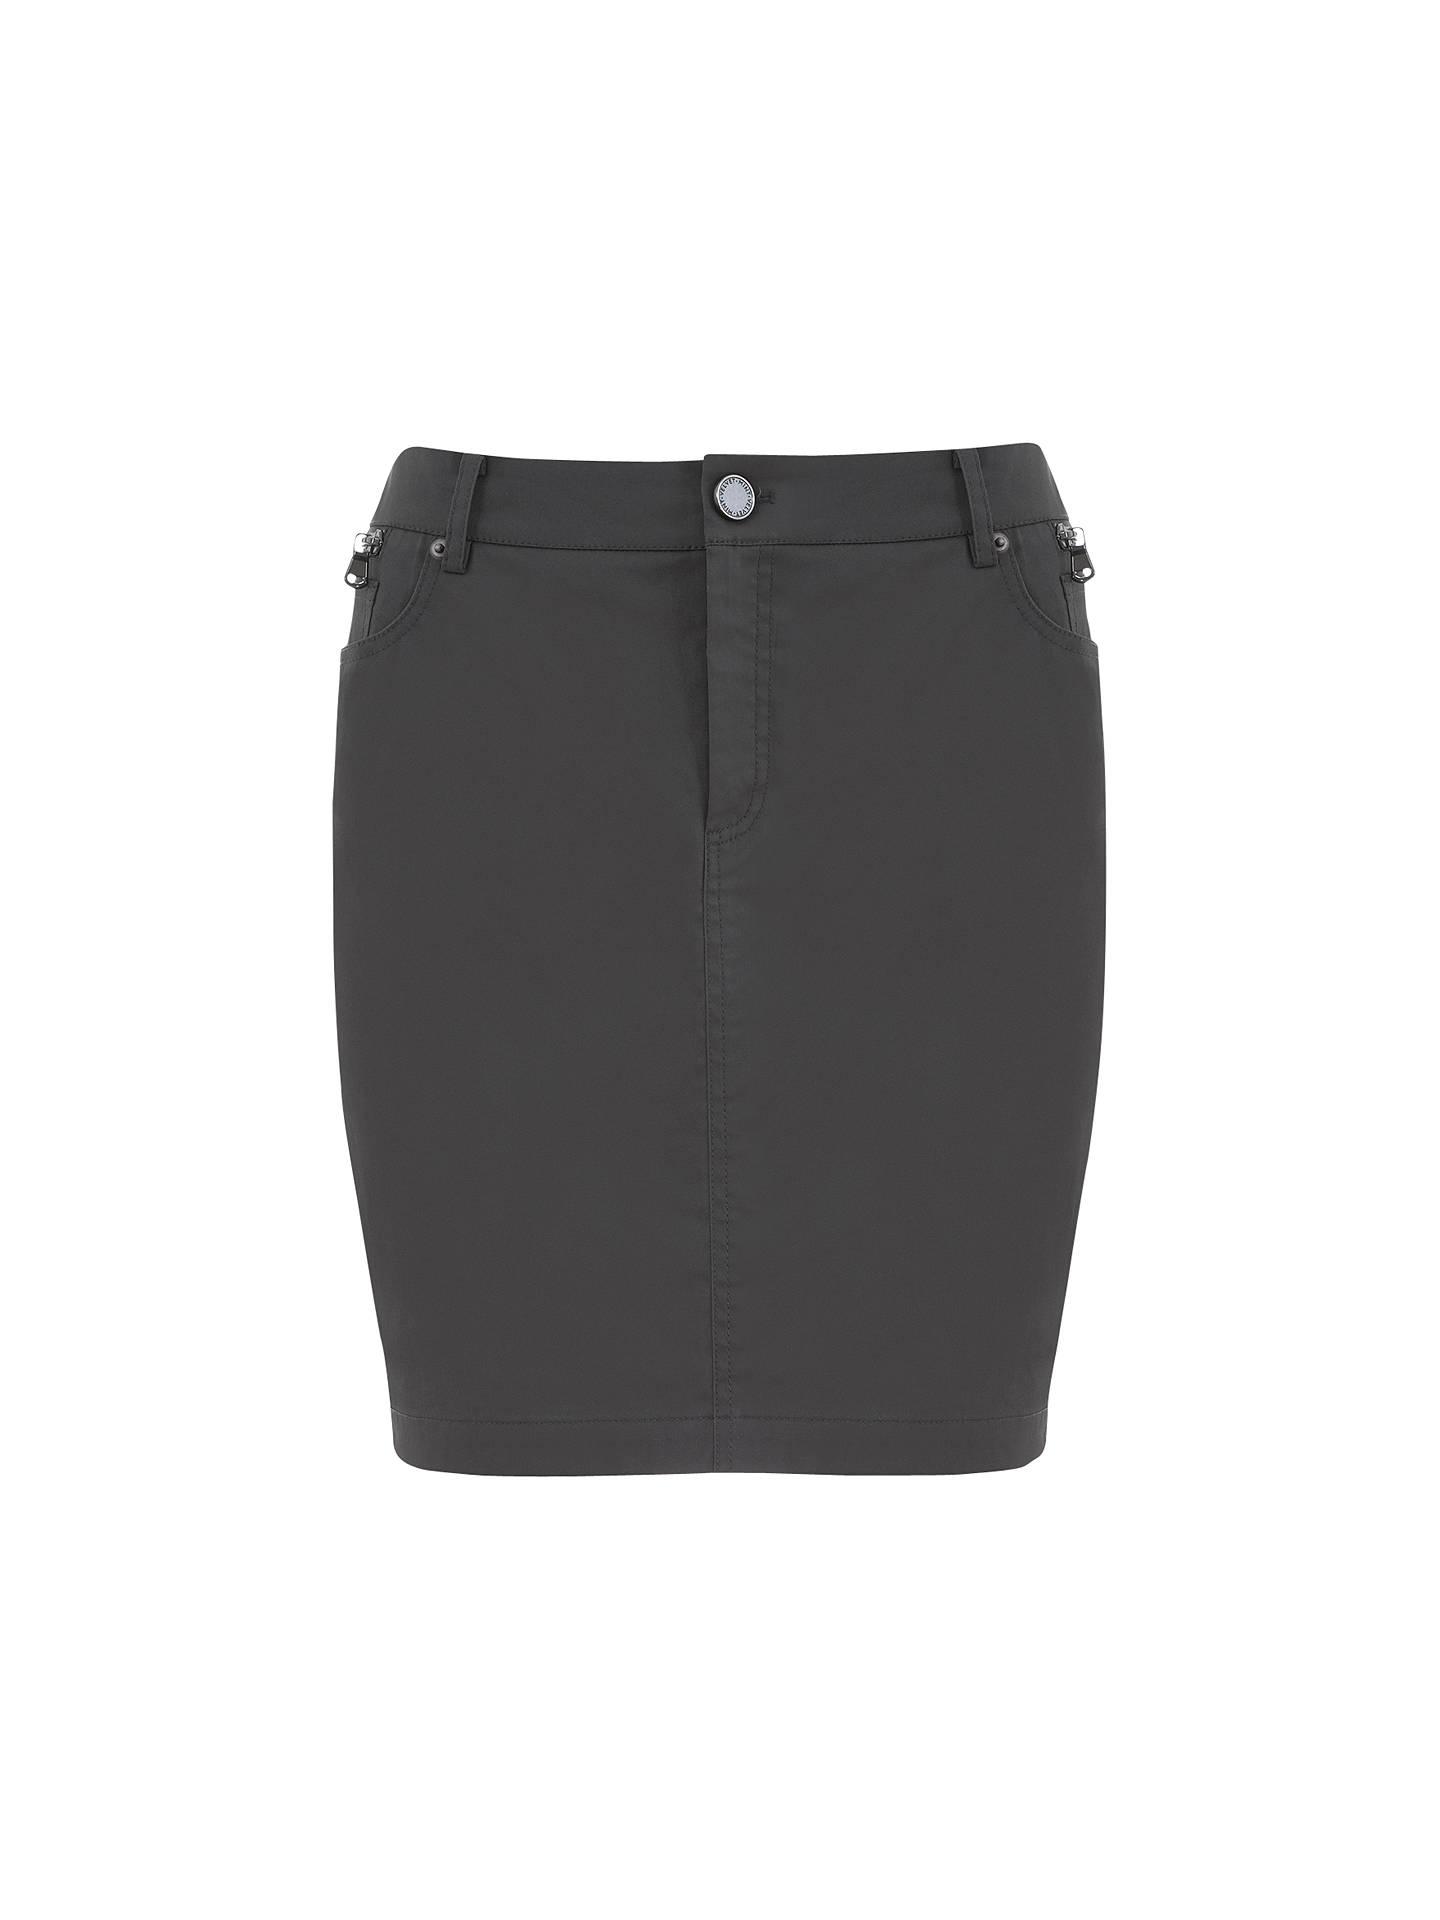 68eecd4ca BuyMint Velvet Zip Pocket Mini Skirt, Khaki, 8 Online at johnlewis.com ...